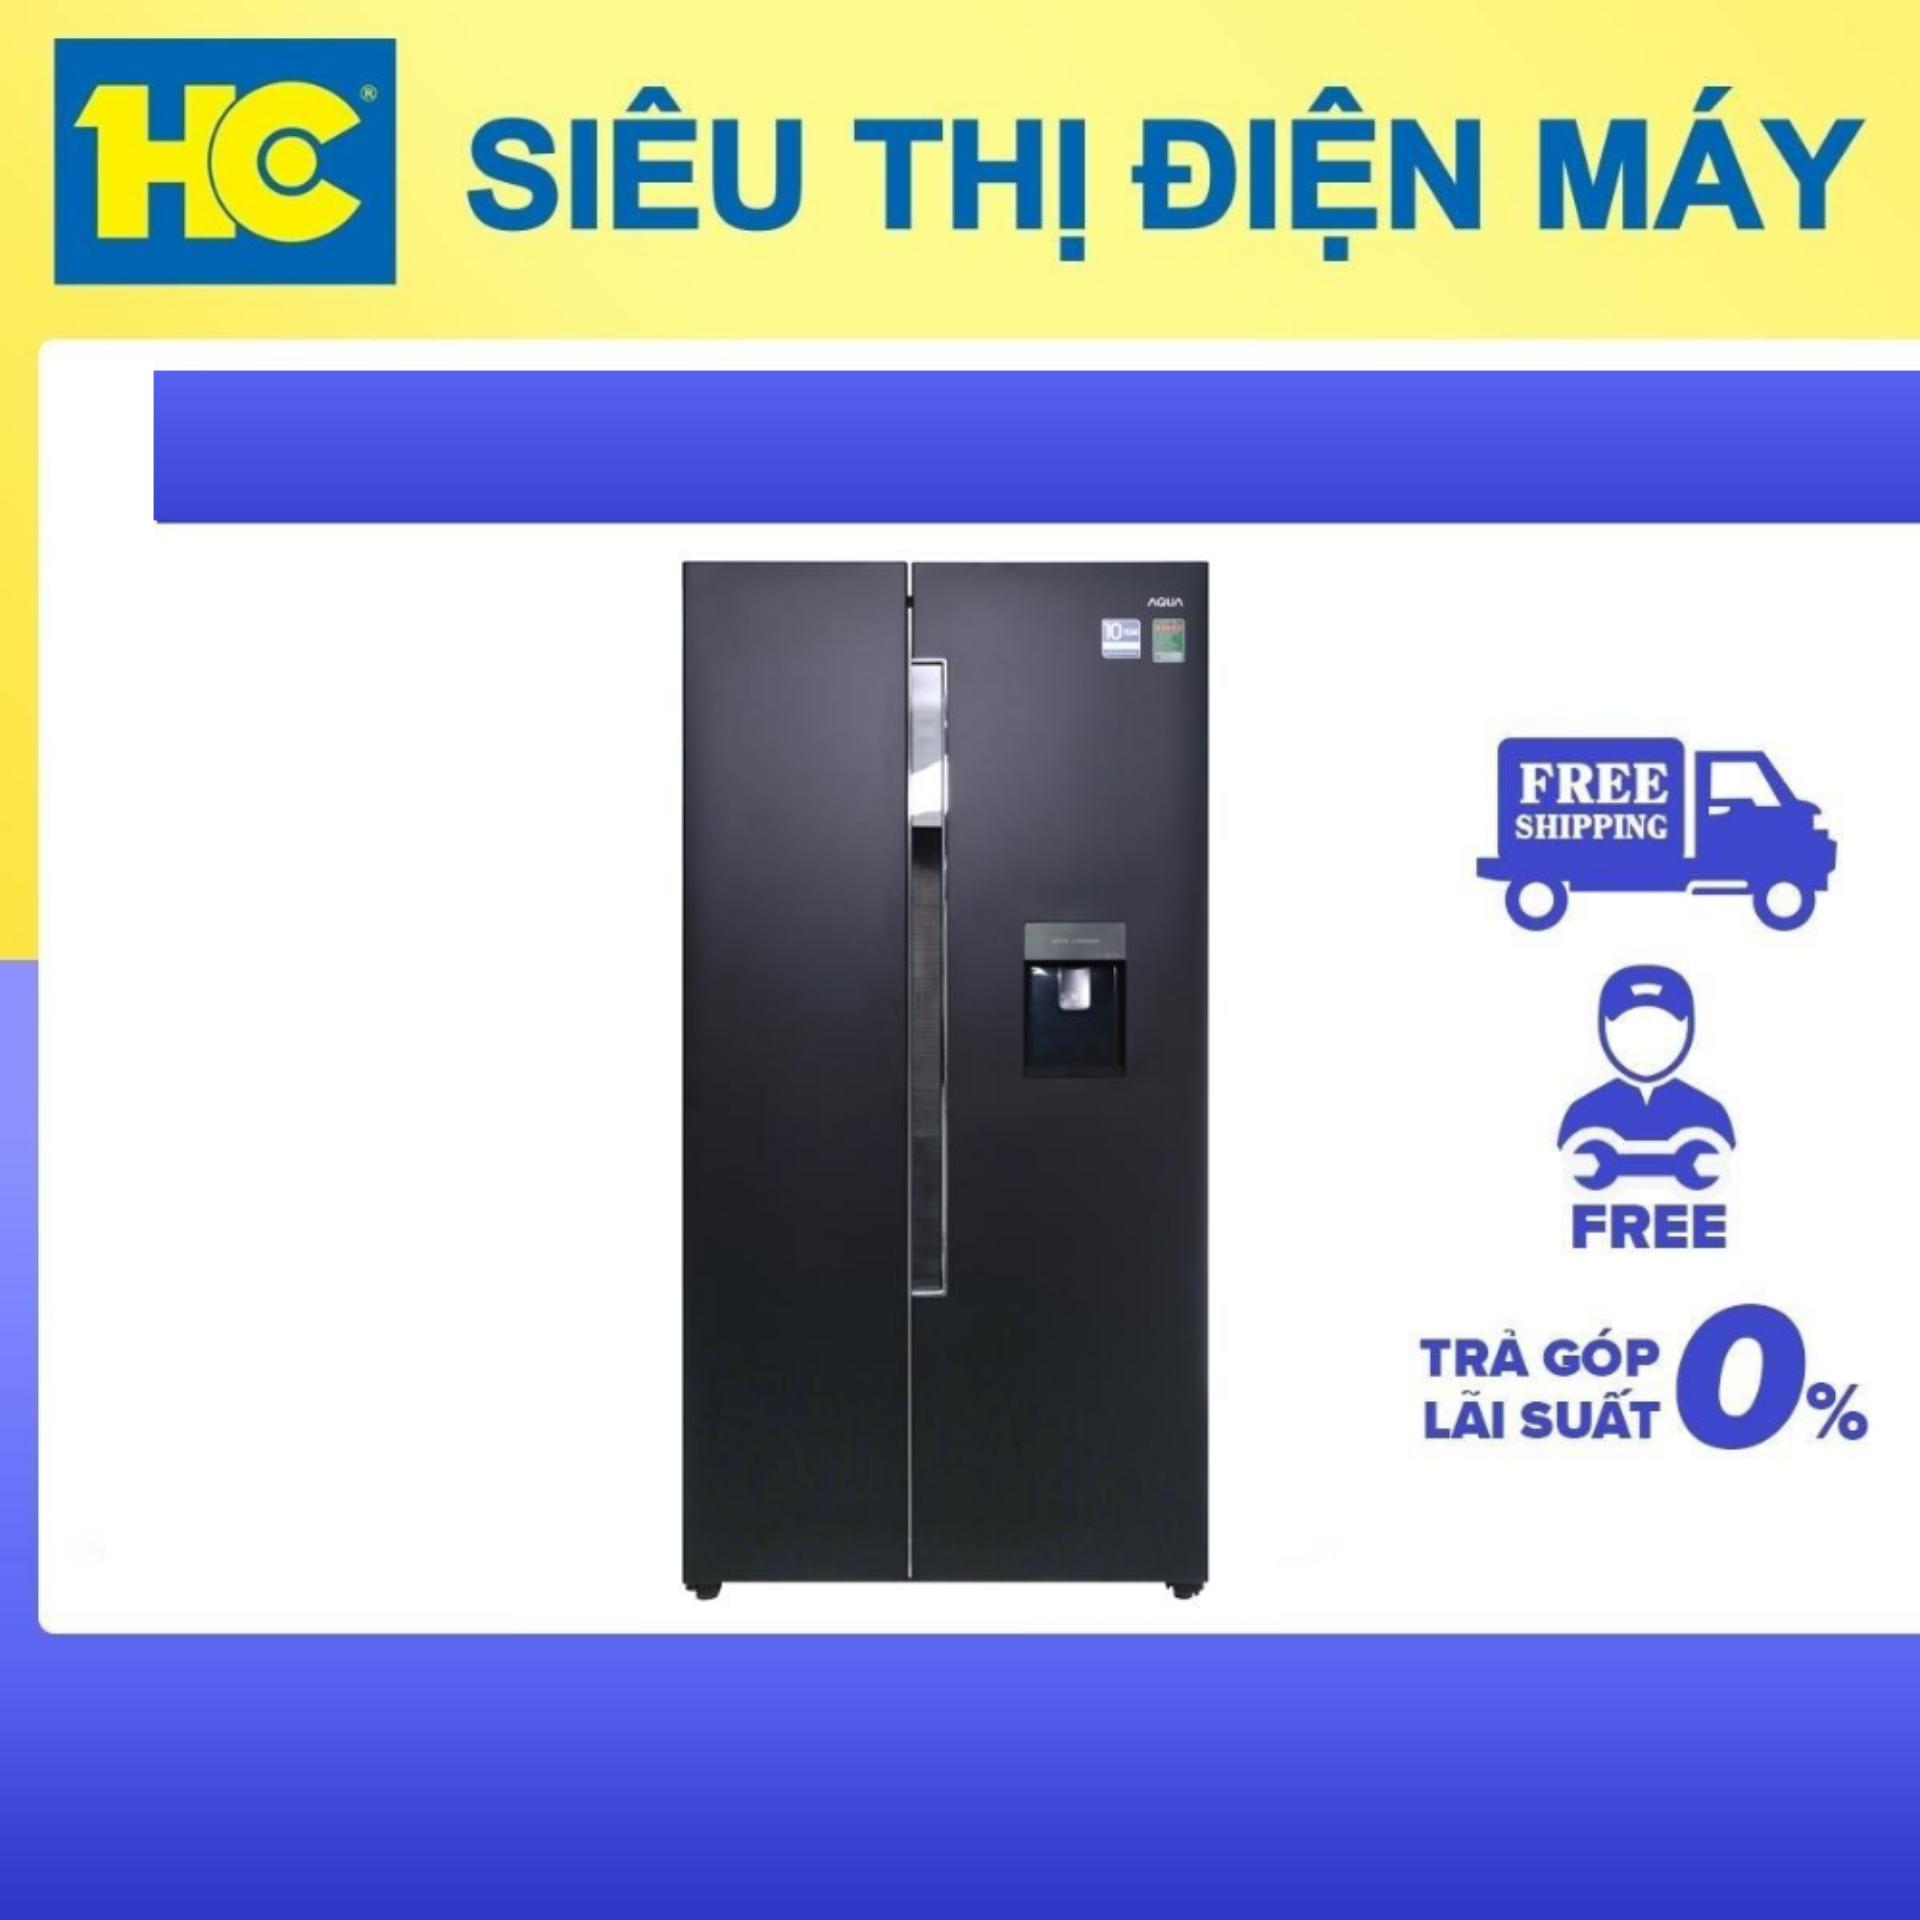 Bảng giá Tủ lạnh SBS Aqua AQR-I565AS(BS) Điện máy Pico